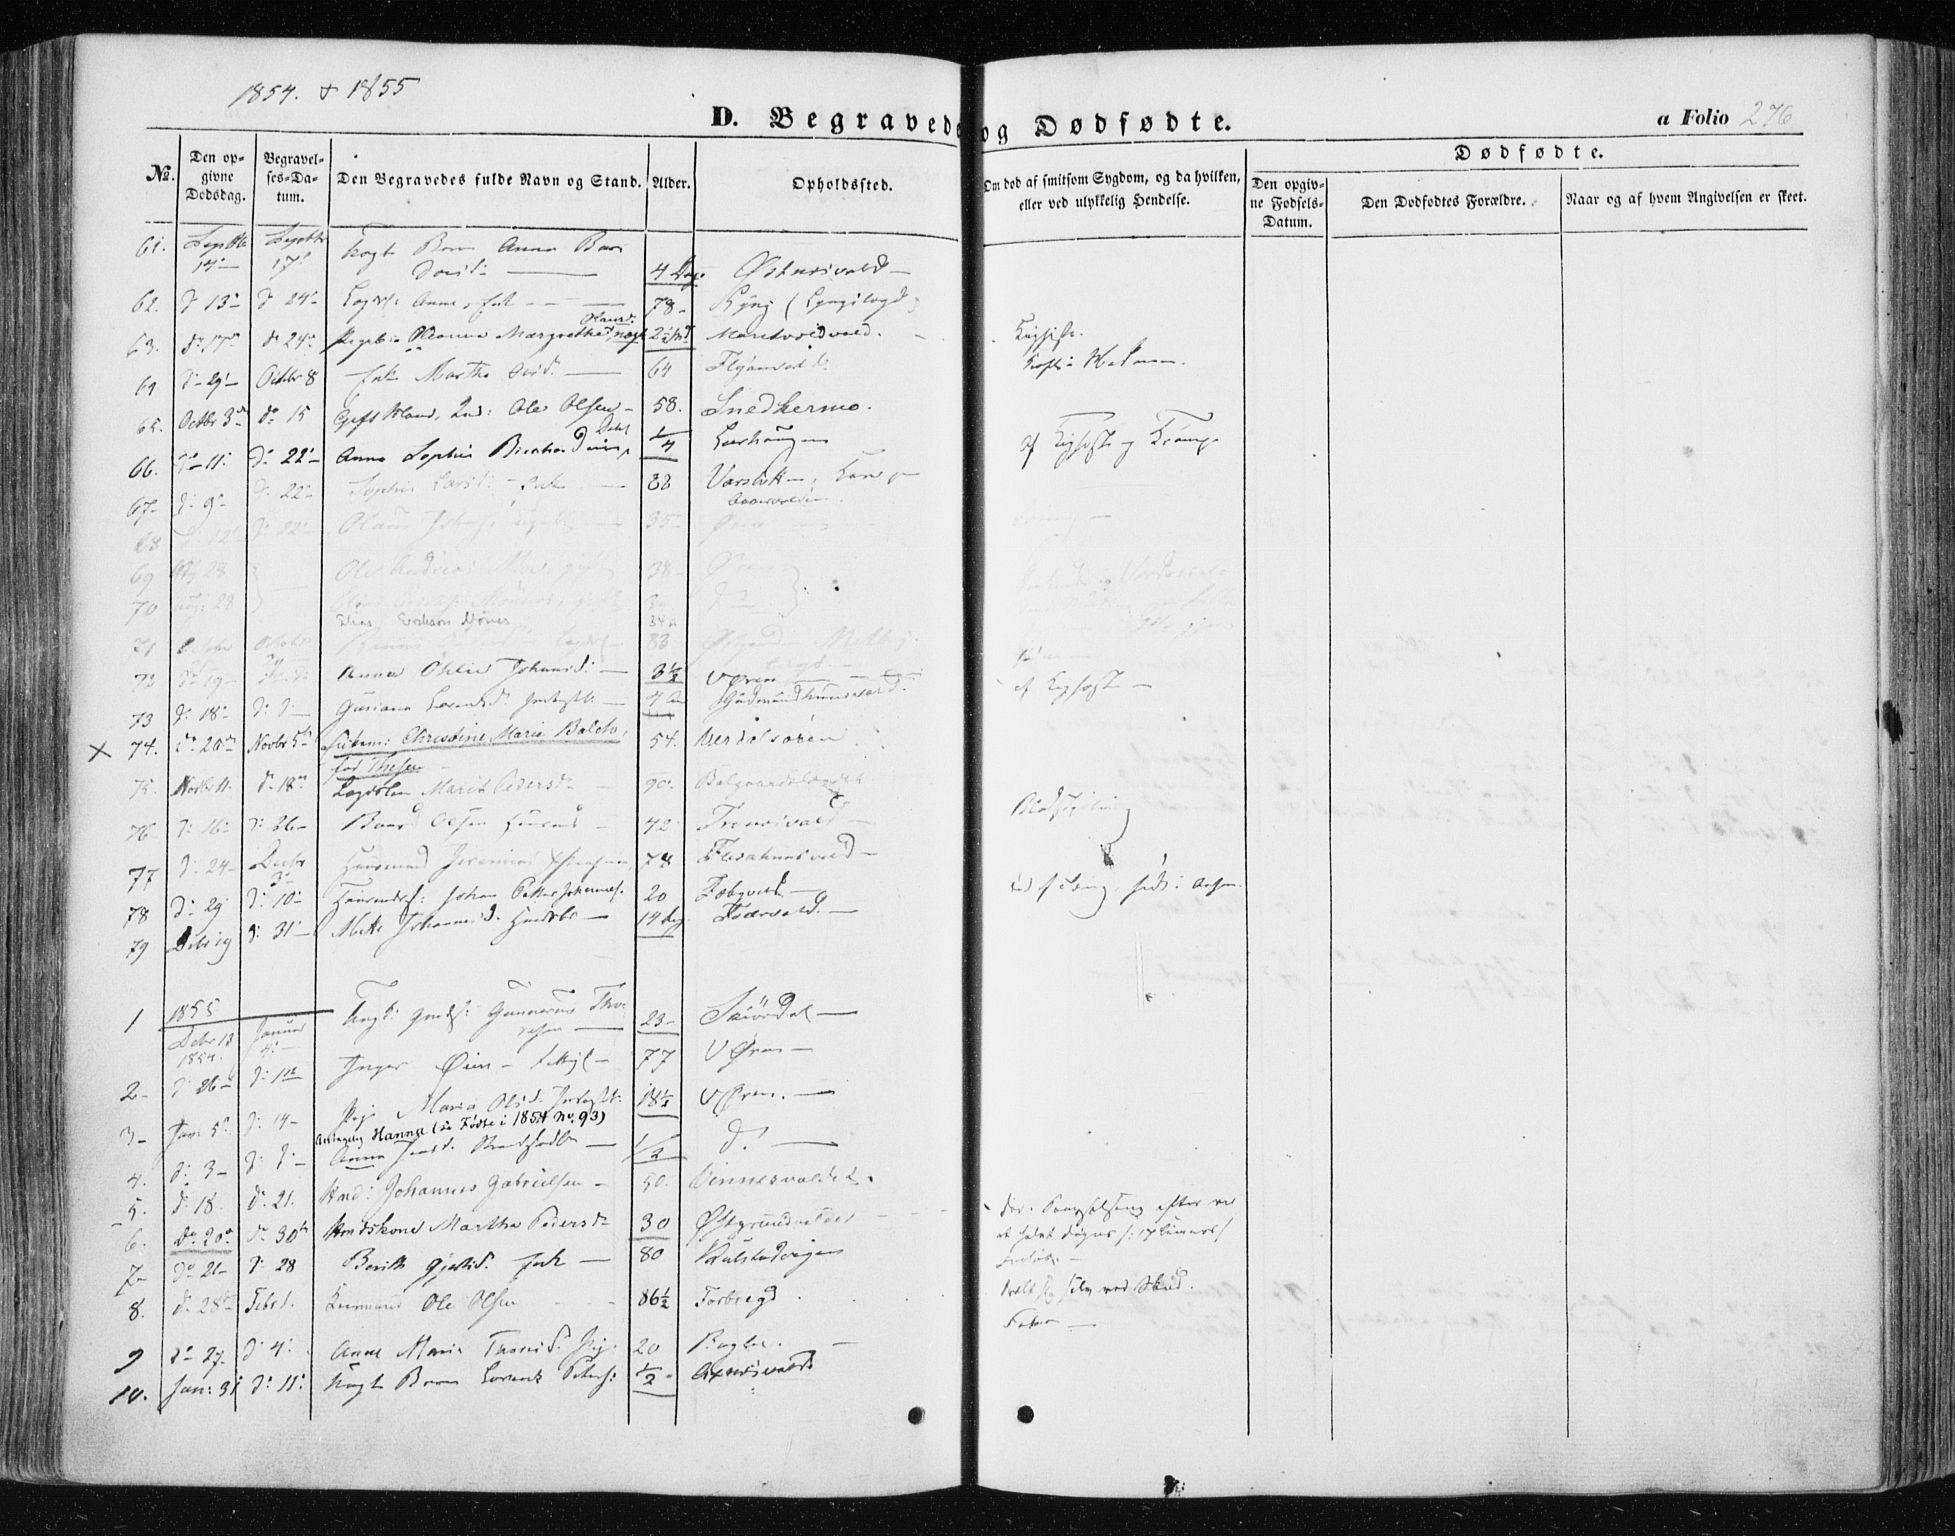 SAT, Ministerialprotokoller, klokkerbøker og fødselsregistre - Nord-Trøndelag, 723/L0240: Ministerialbok nr. 723A09, 1852-1860, s. 276